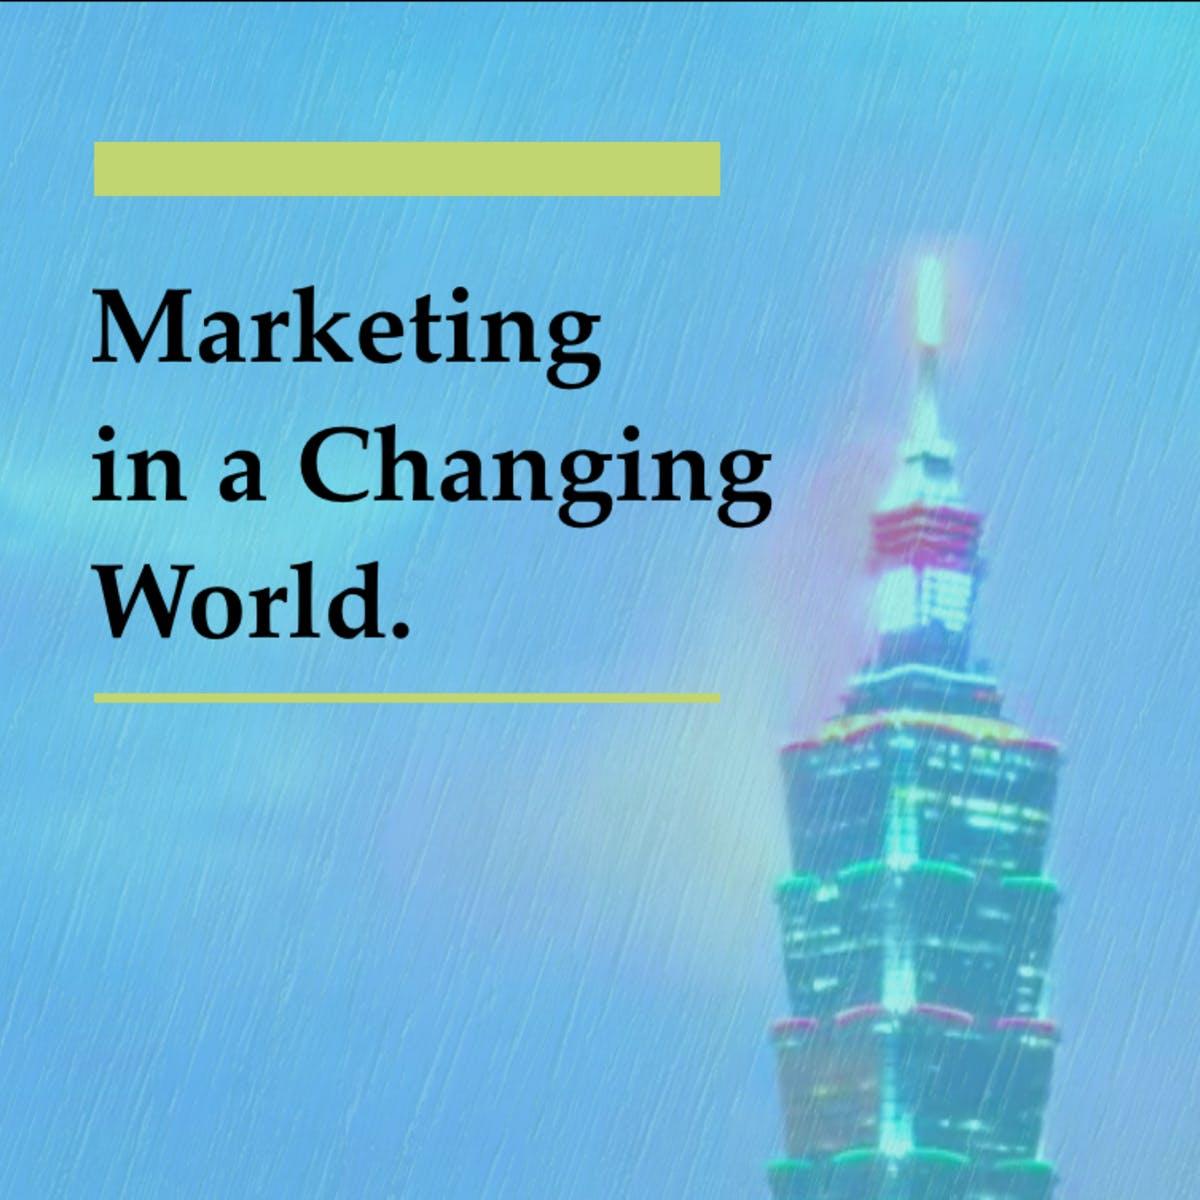 行銷典範轉移: 變動中的消費世界 (Marketing in a changing world)